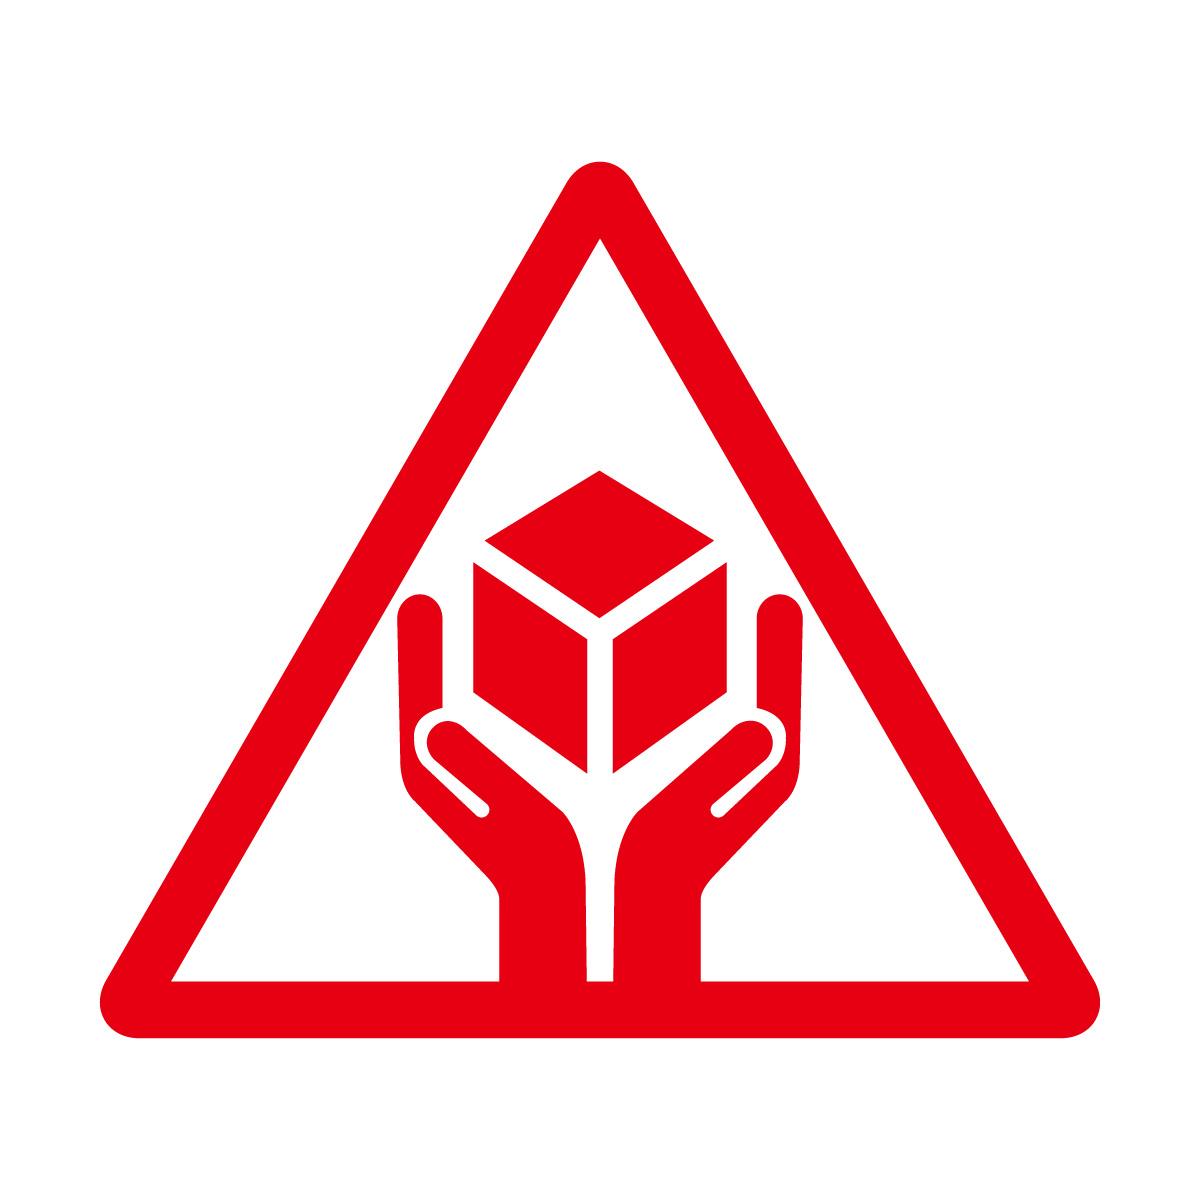 赤色の商品 配送 取扱い注意 シール ステッカー カッティングステッカー (矢印付き) 光沢タイプ・防水 耐水・屋外耐候3~4年